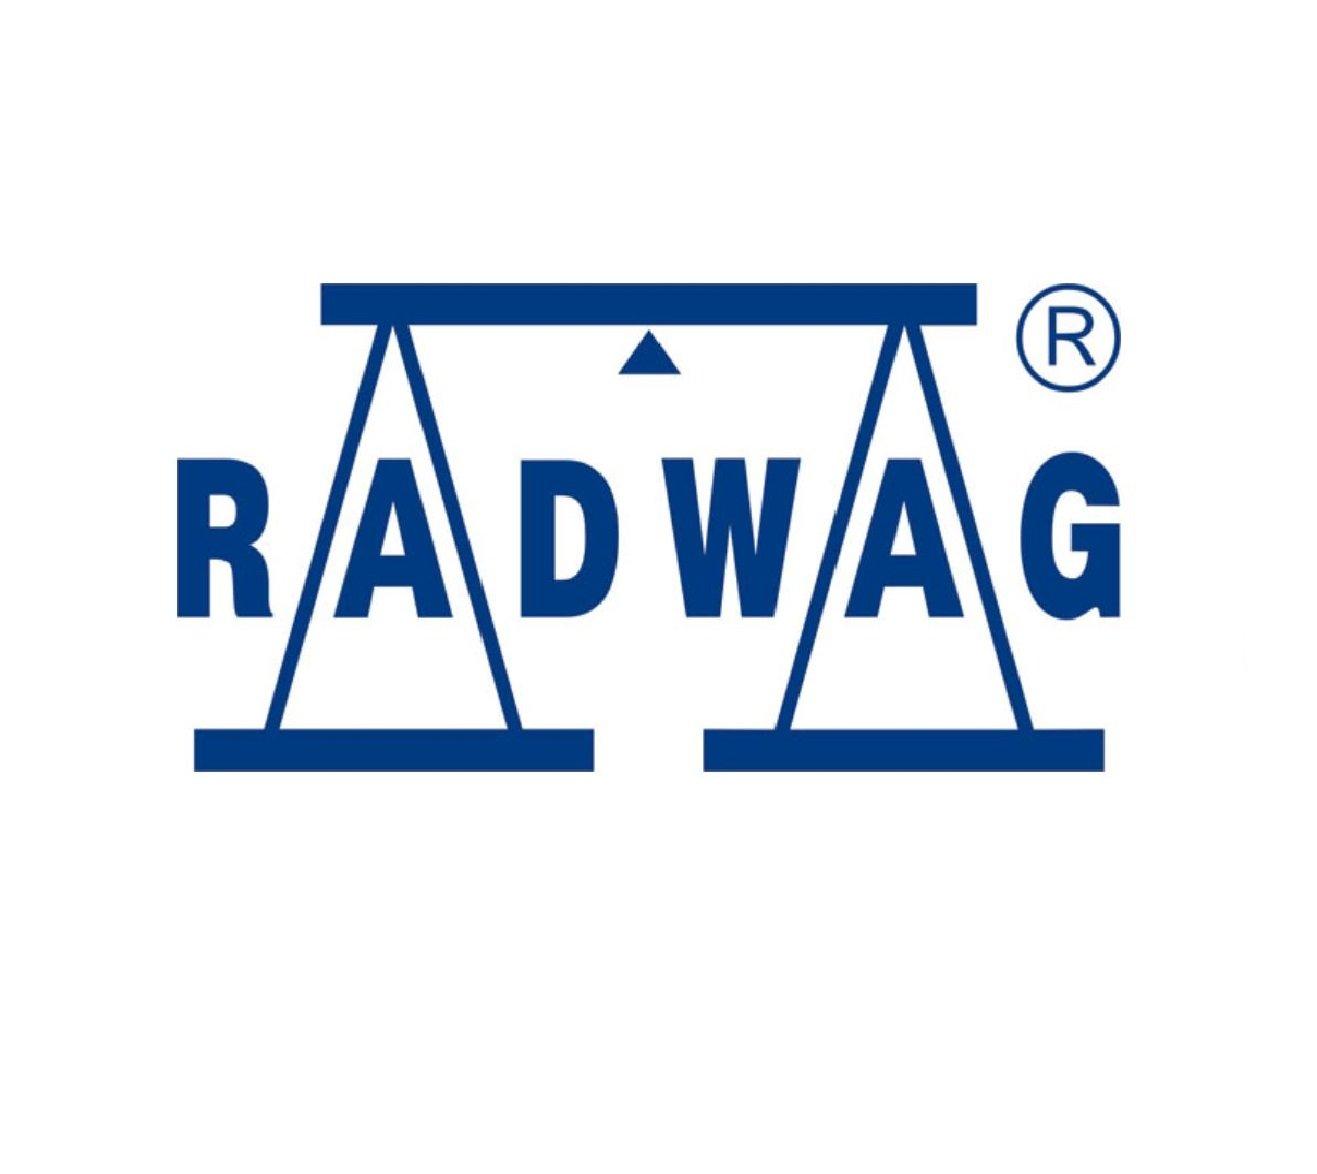 RADWAG LOGO FOR WEBSITE